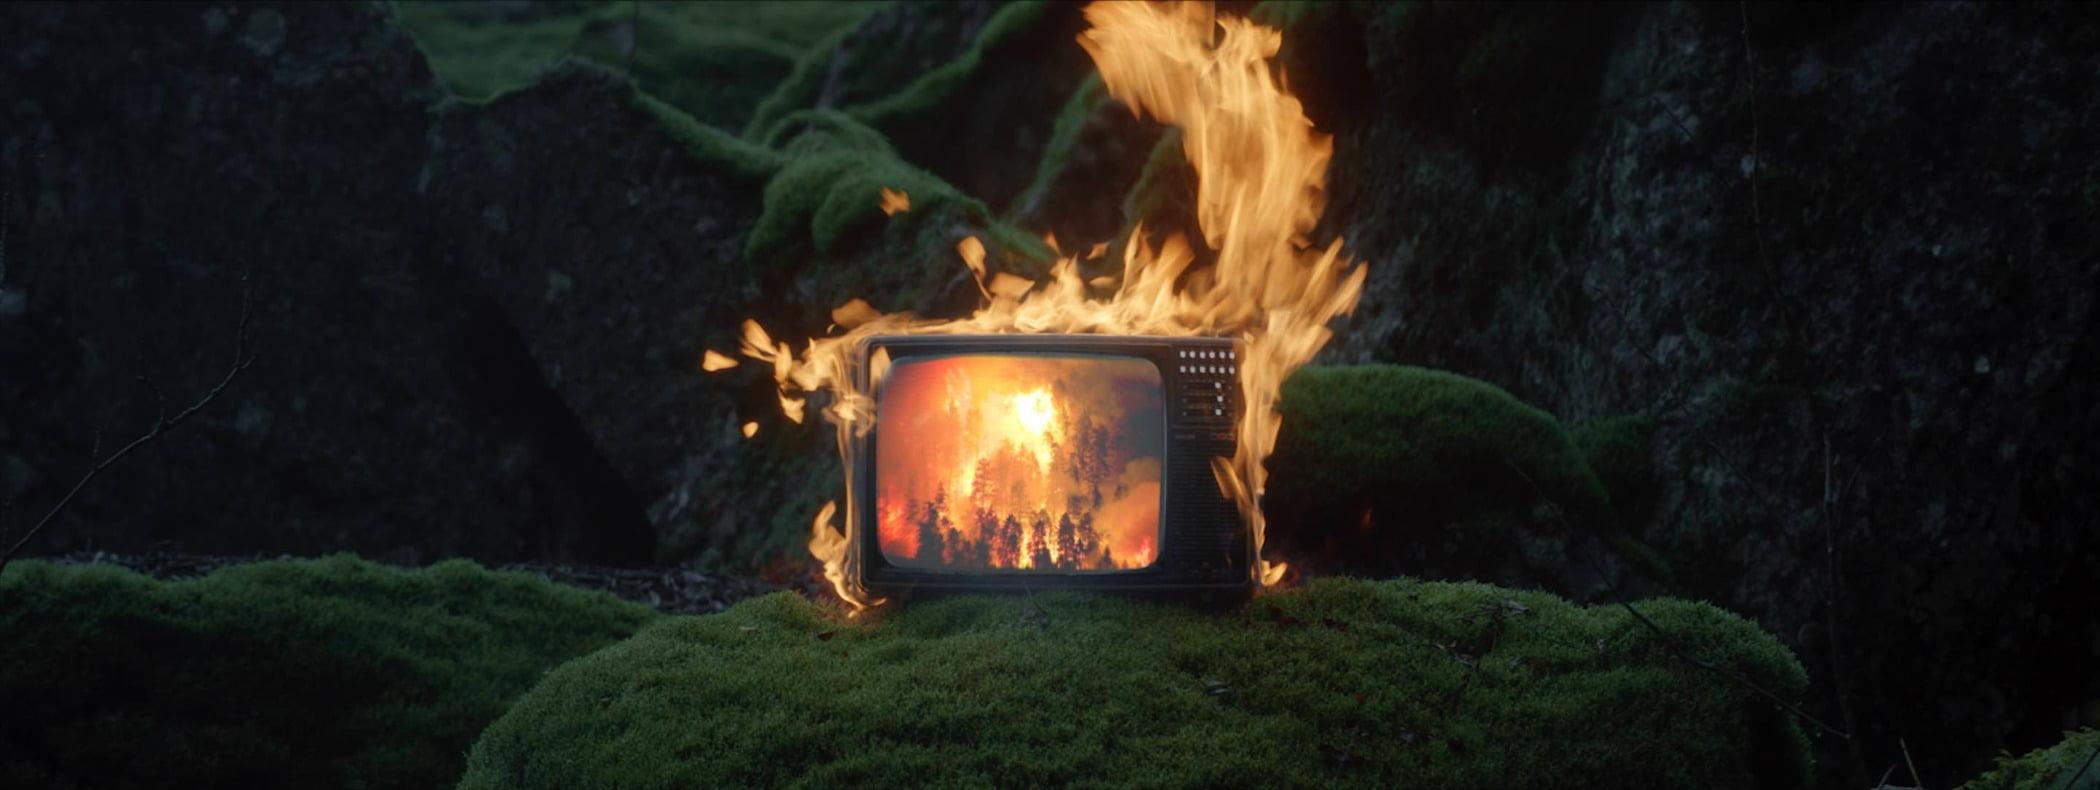 Plant, Bonfire, Fire, Campfire, Grass, Flame, Heat